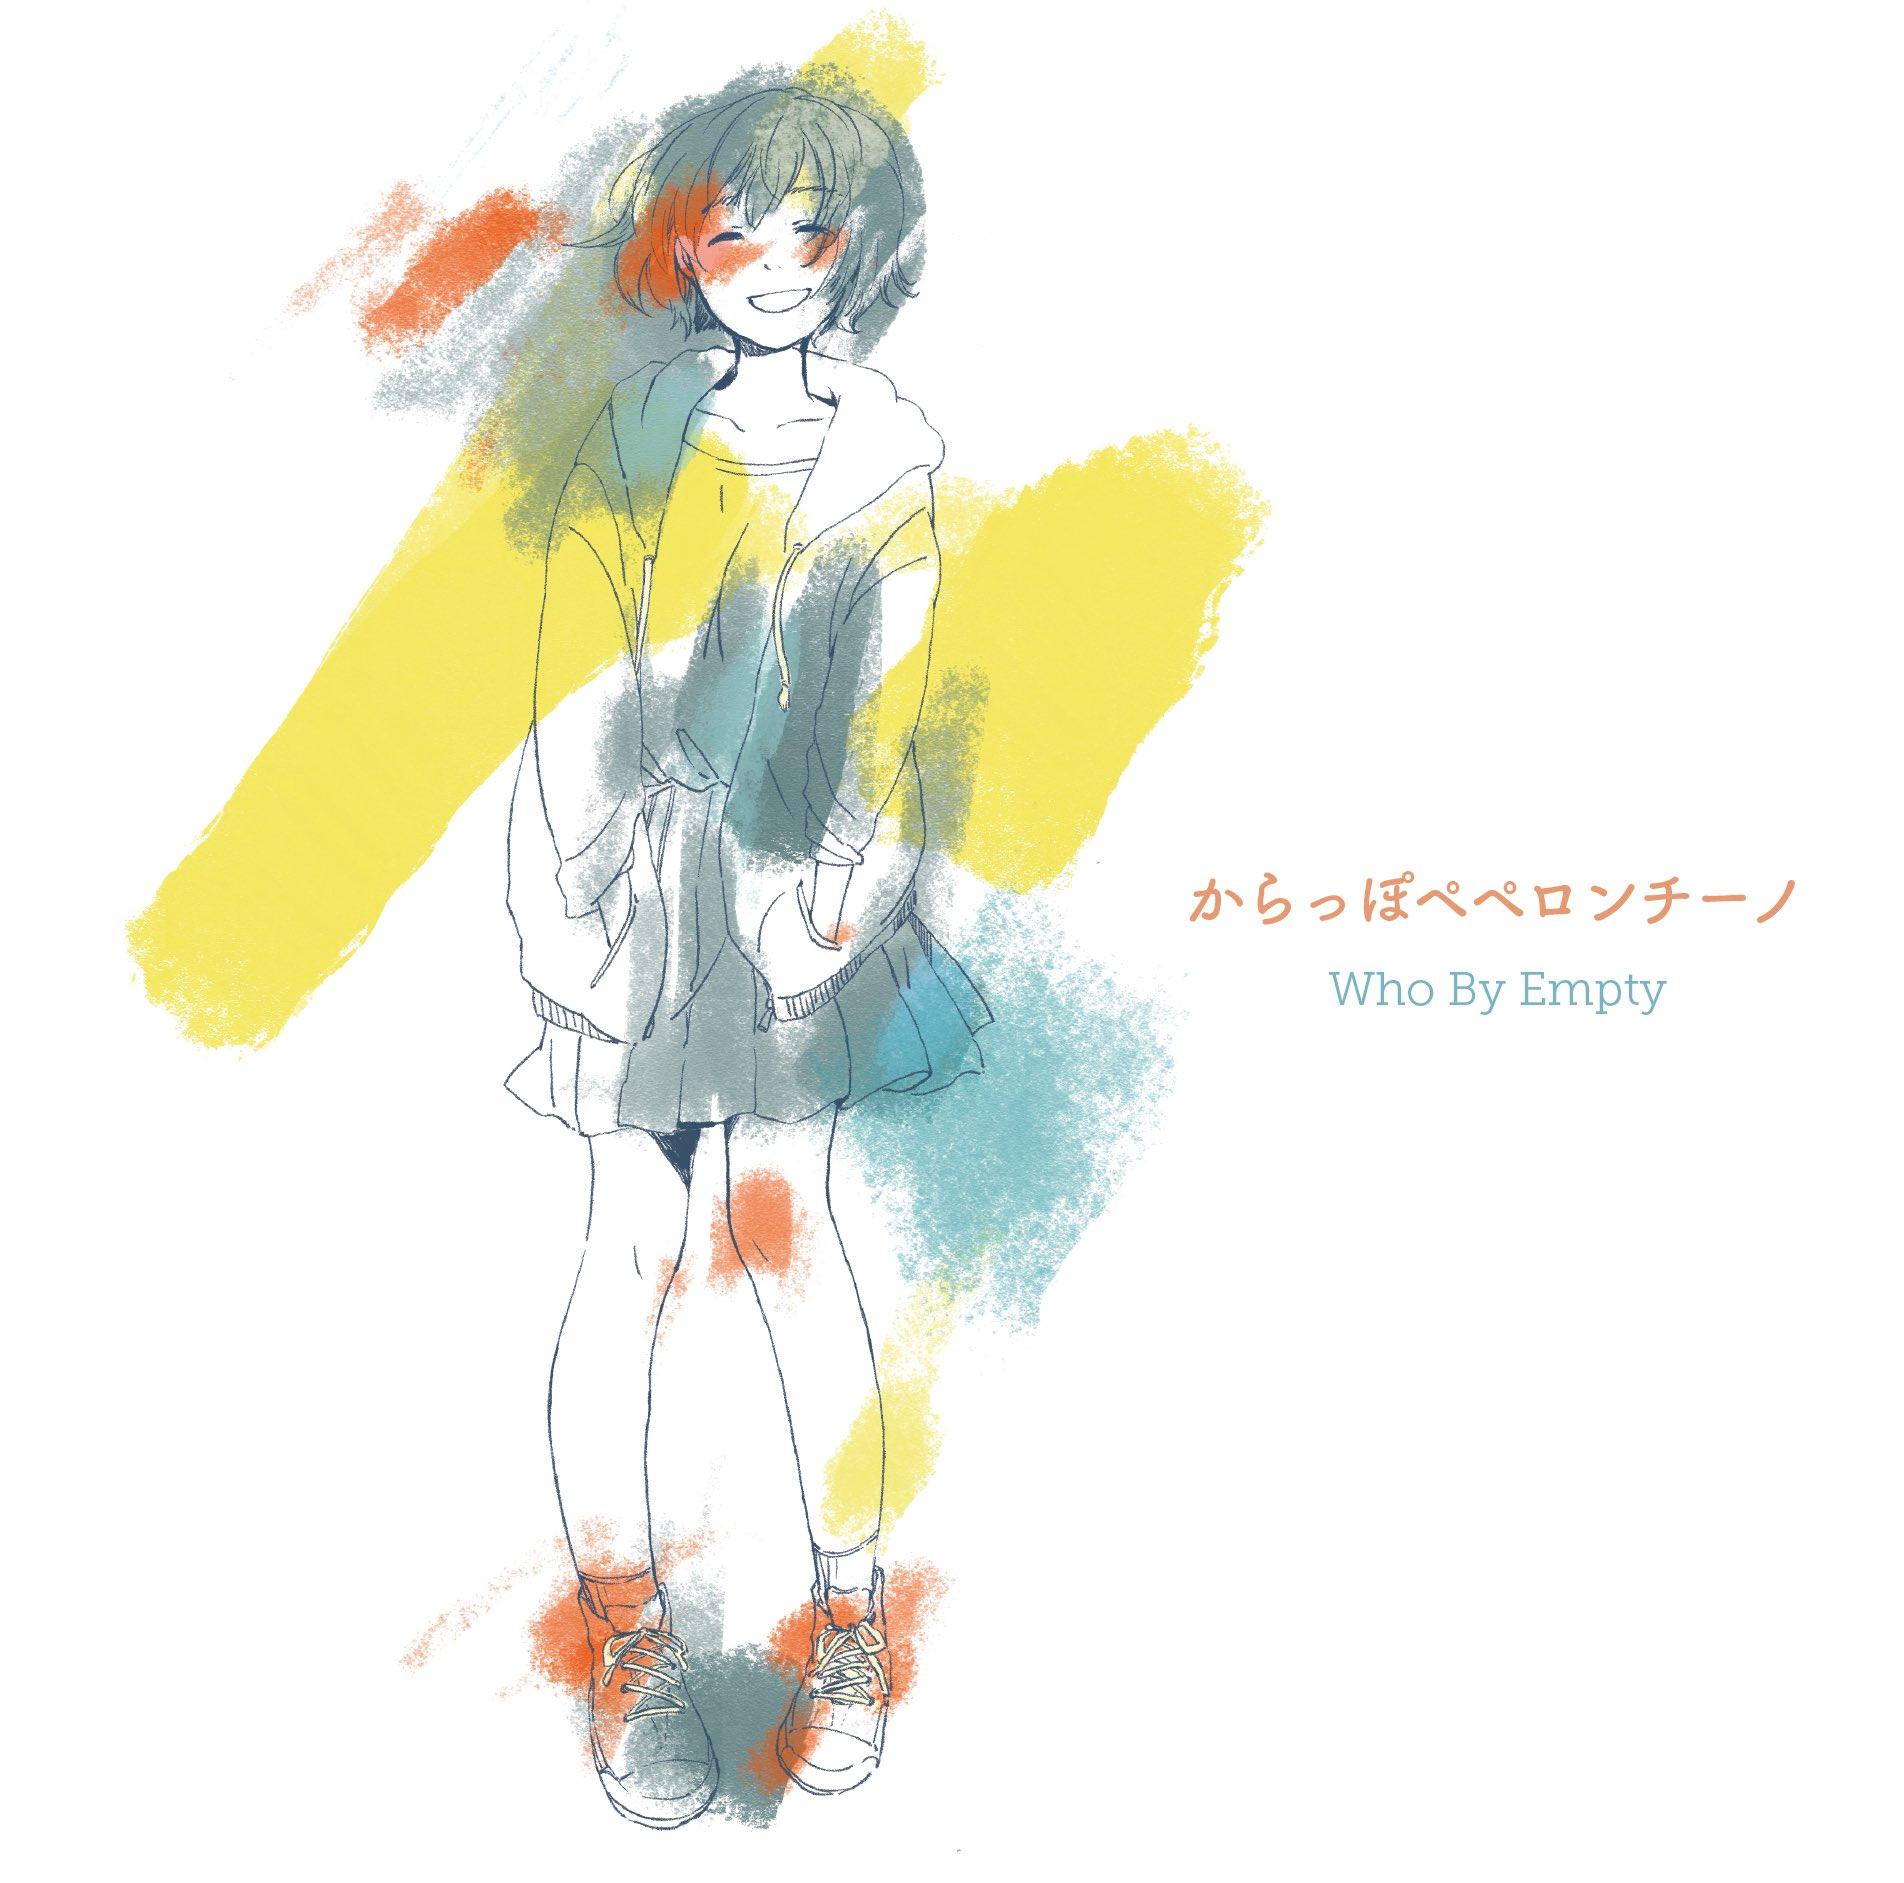 からっぽペペロンチーノ - Who By Empty